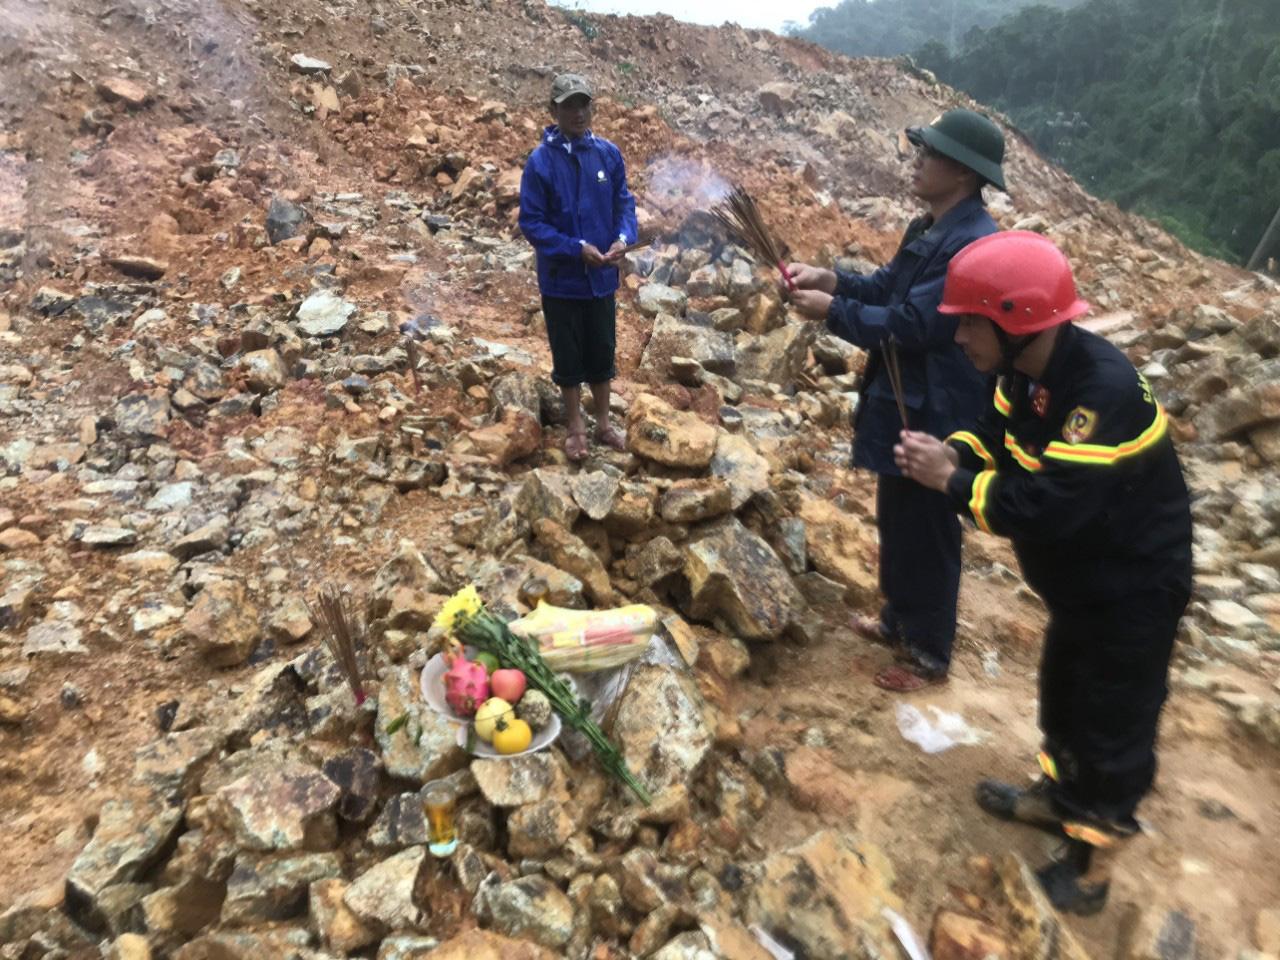 Thêm 1 thi thể công nhân được tìm thấy ở thủy điện Rào Trăng 3 - Ảnh 1.